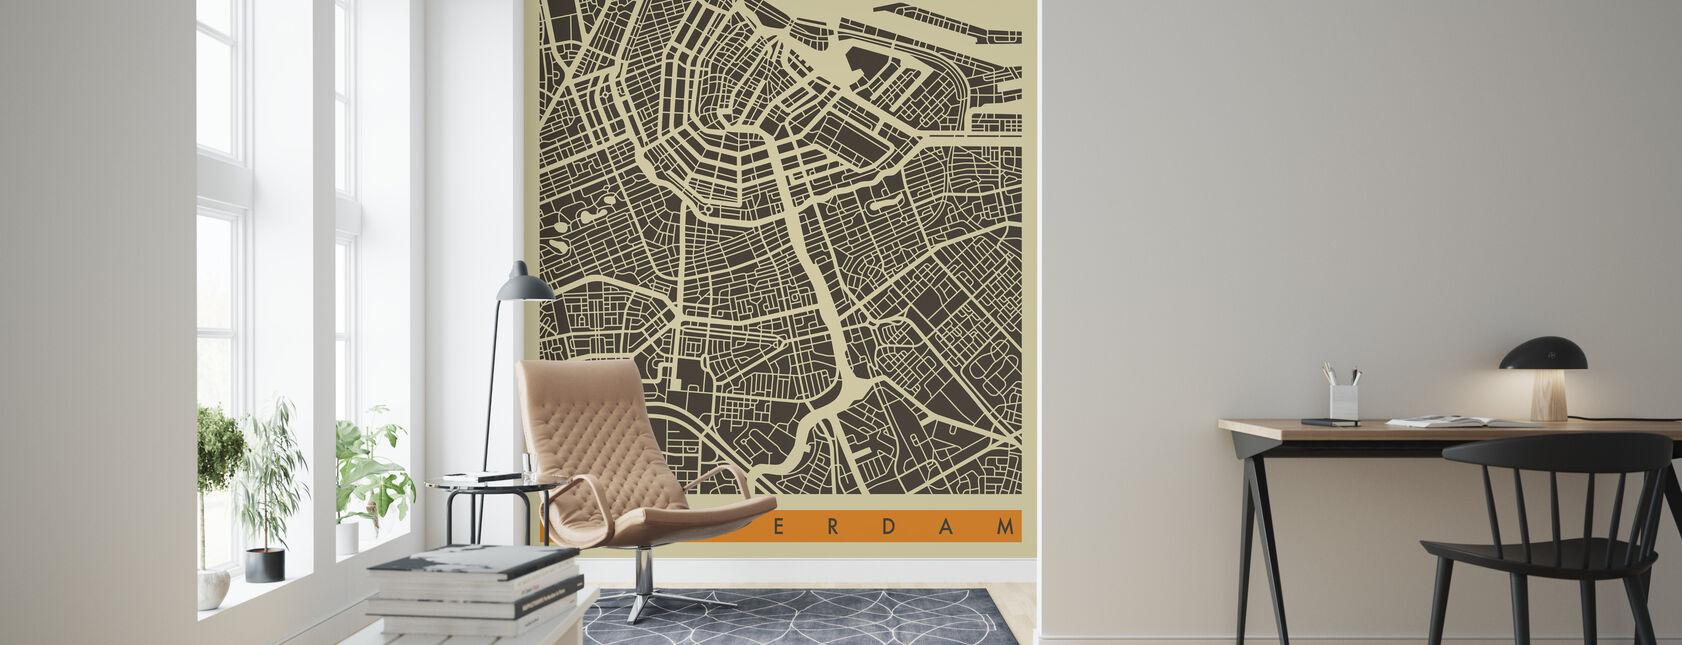 Stadsplan - Amsterdam - Behang - Woonkamer